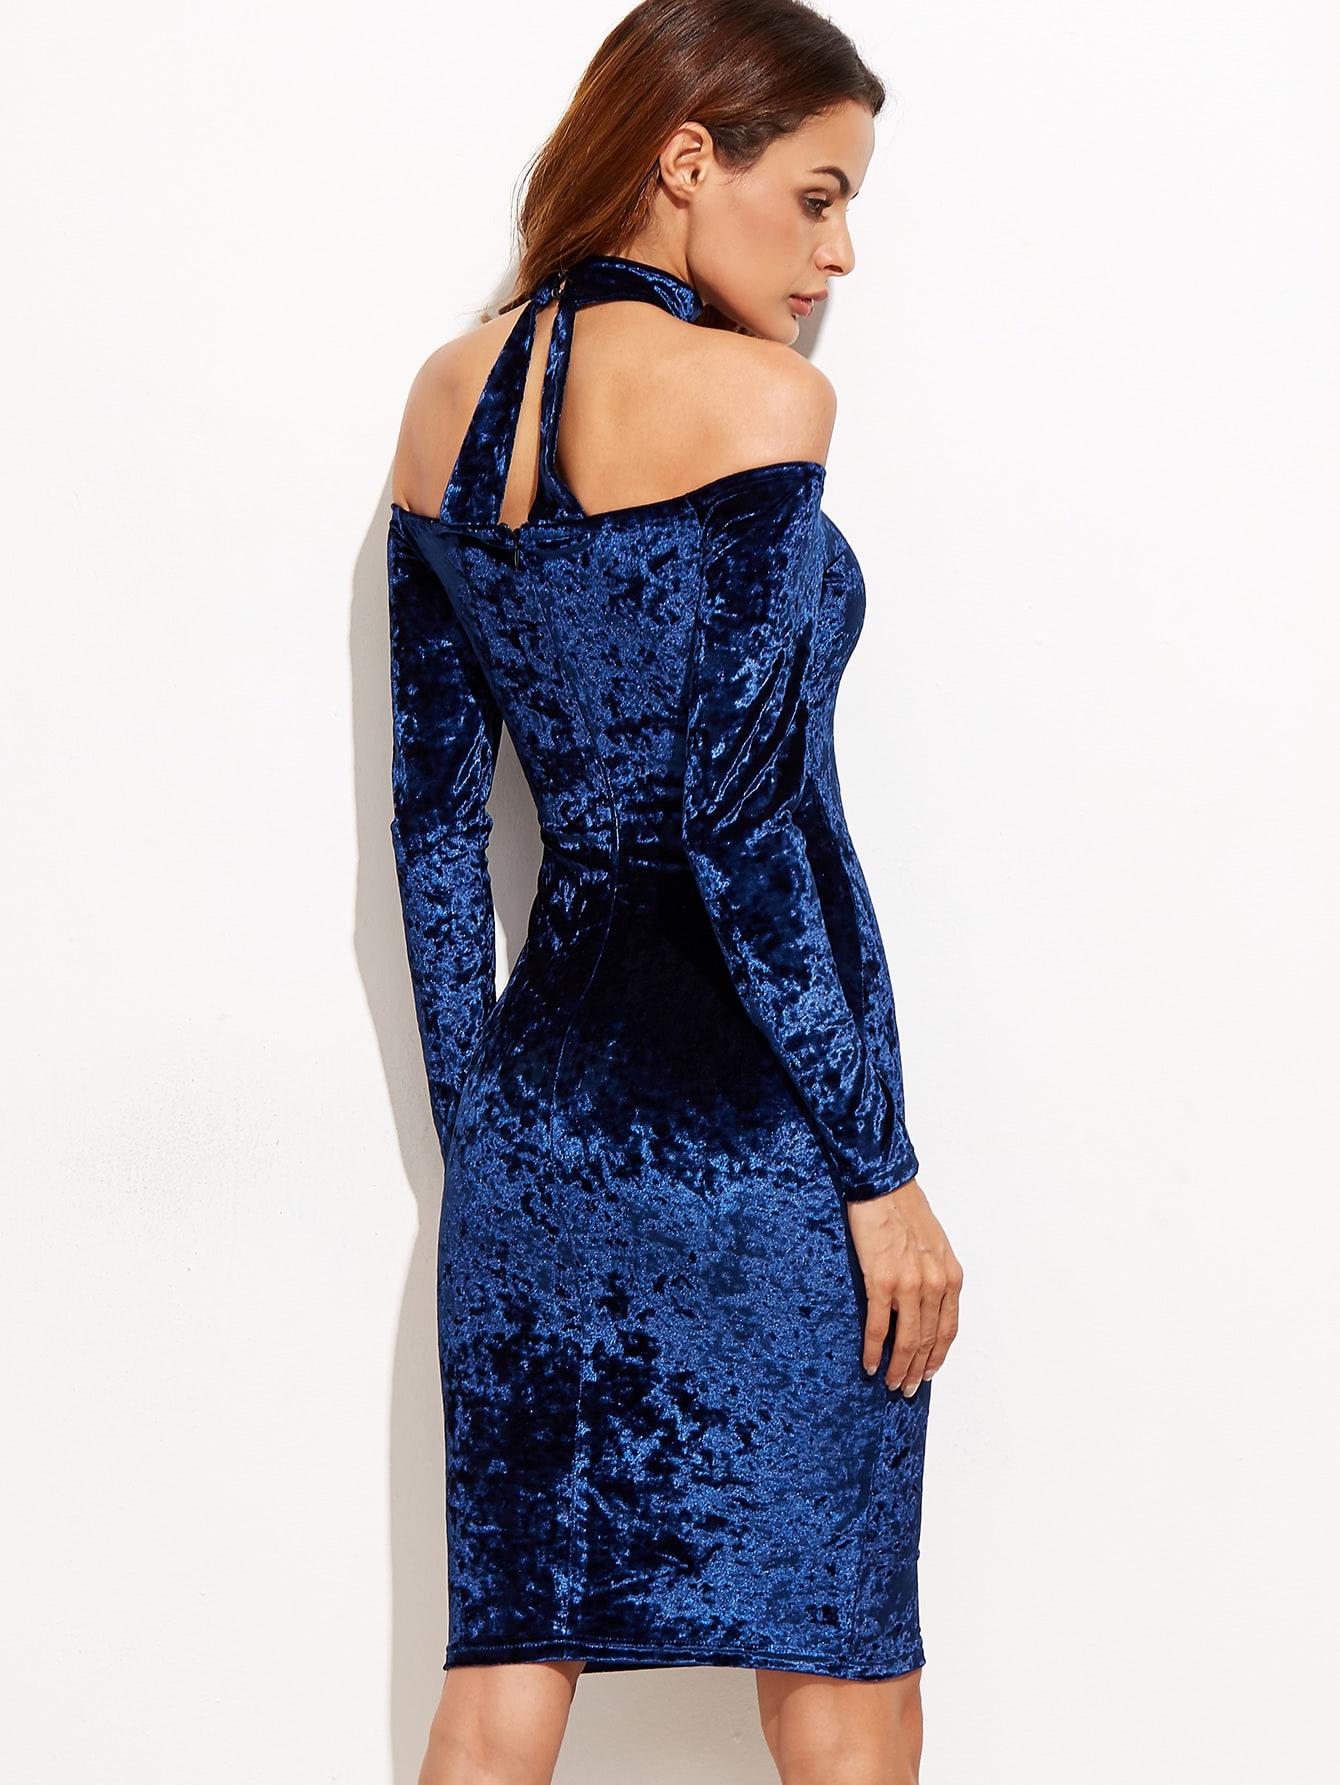 dress160916502_2